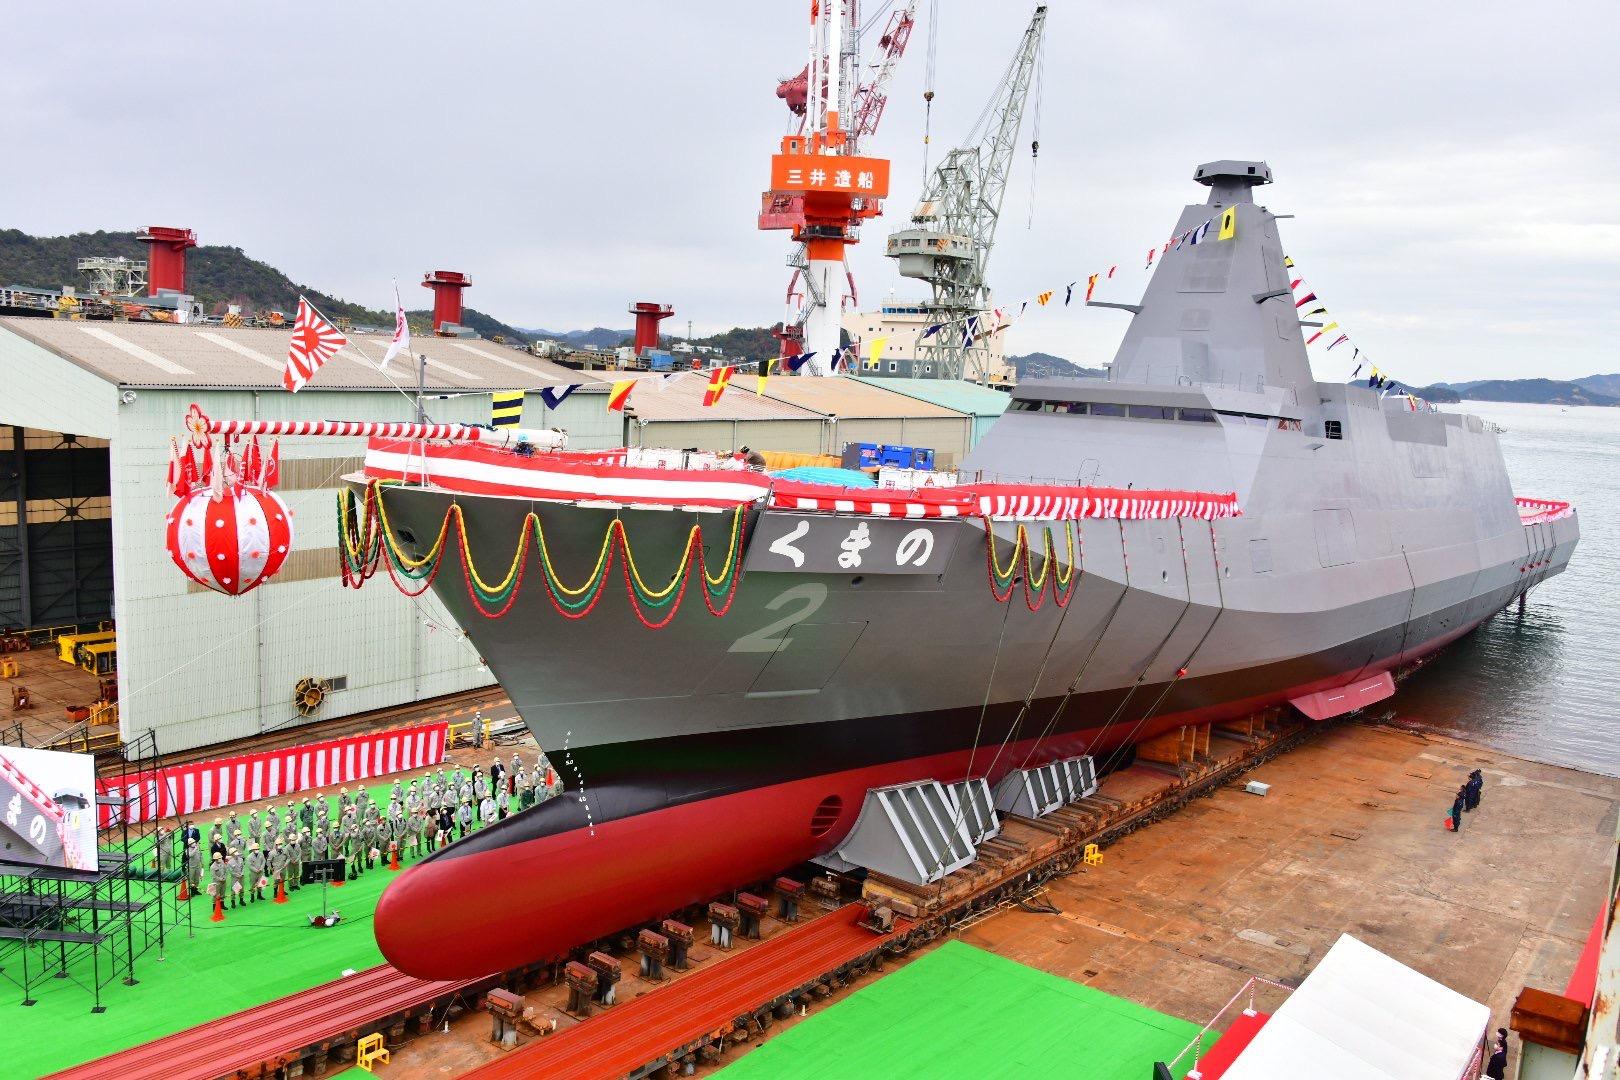 """日本新一代隐身护卫舰二号舰被命名为""""熊野""""(くまの) 图源:日本海事信休写真部"""